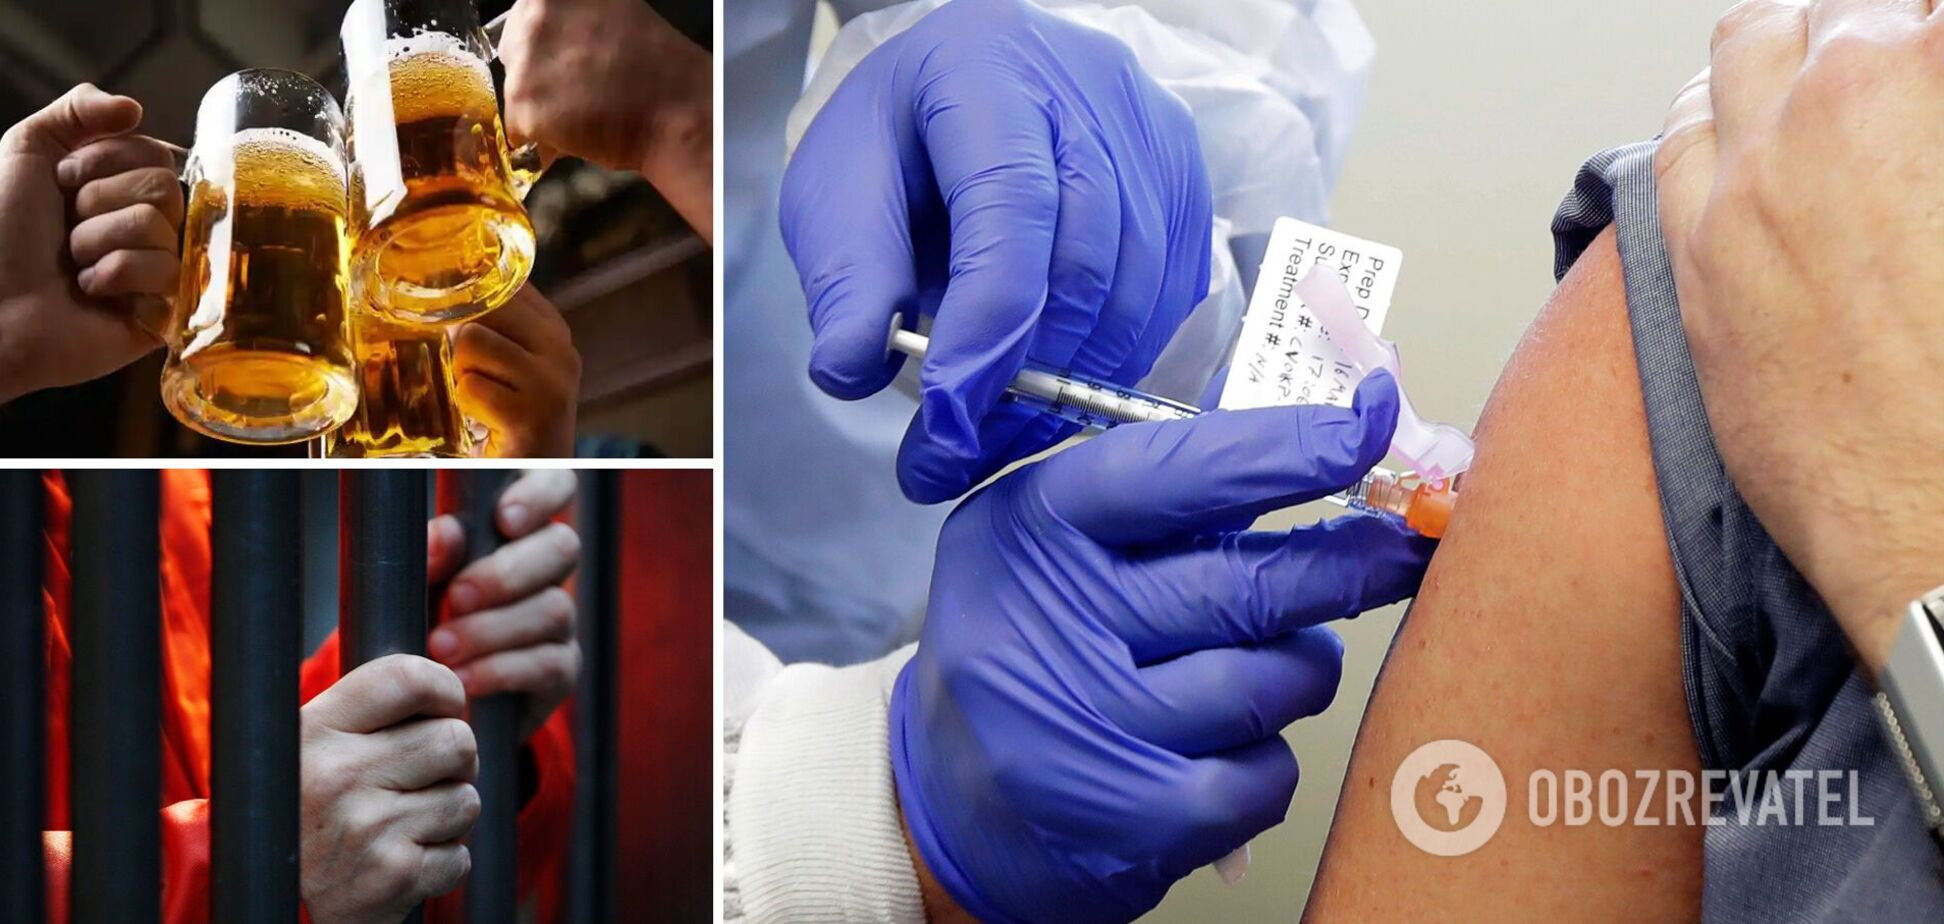 Коровы, пиво и даже тюрьма: как мотивируют делать прививки от коронавируса в разных странах мира